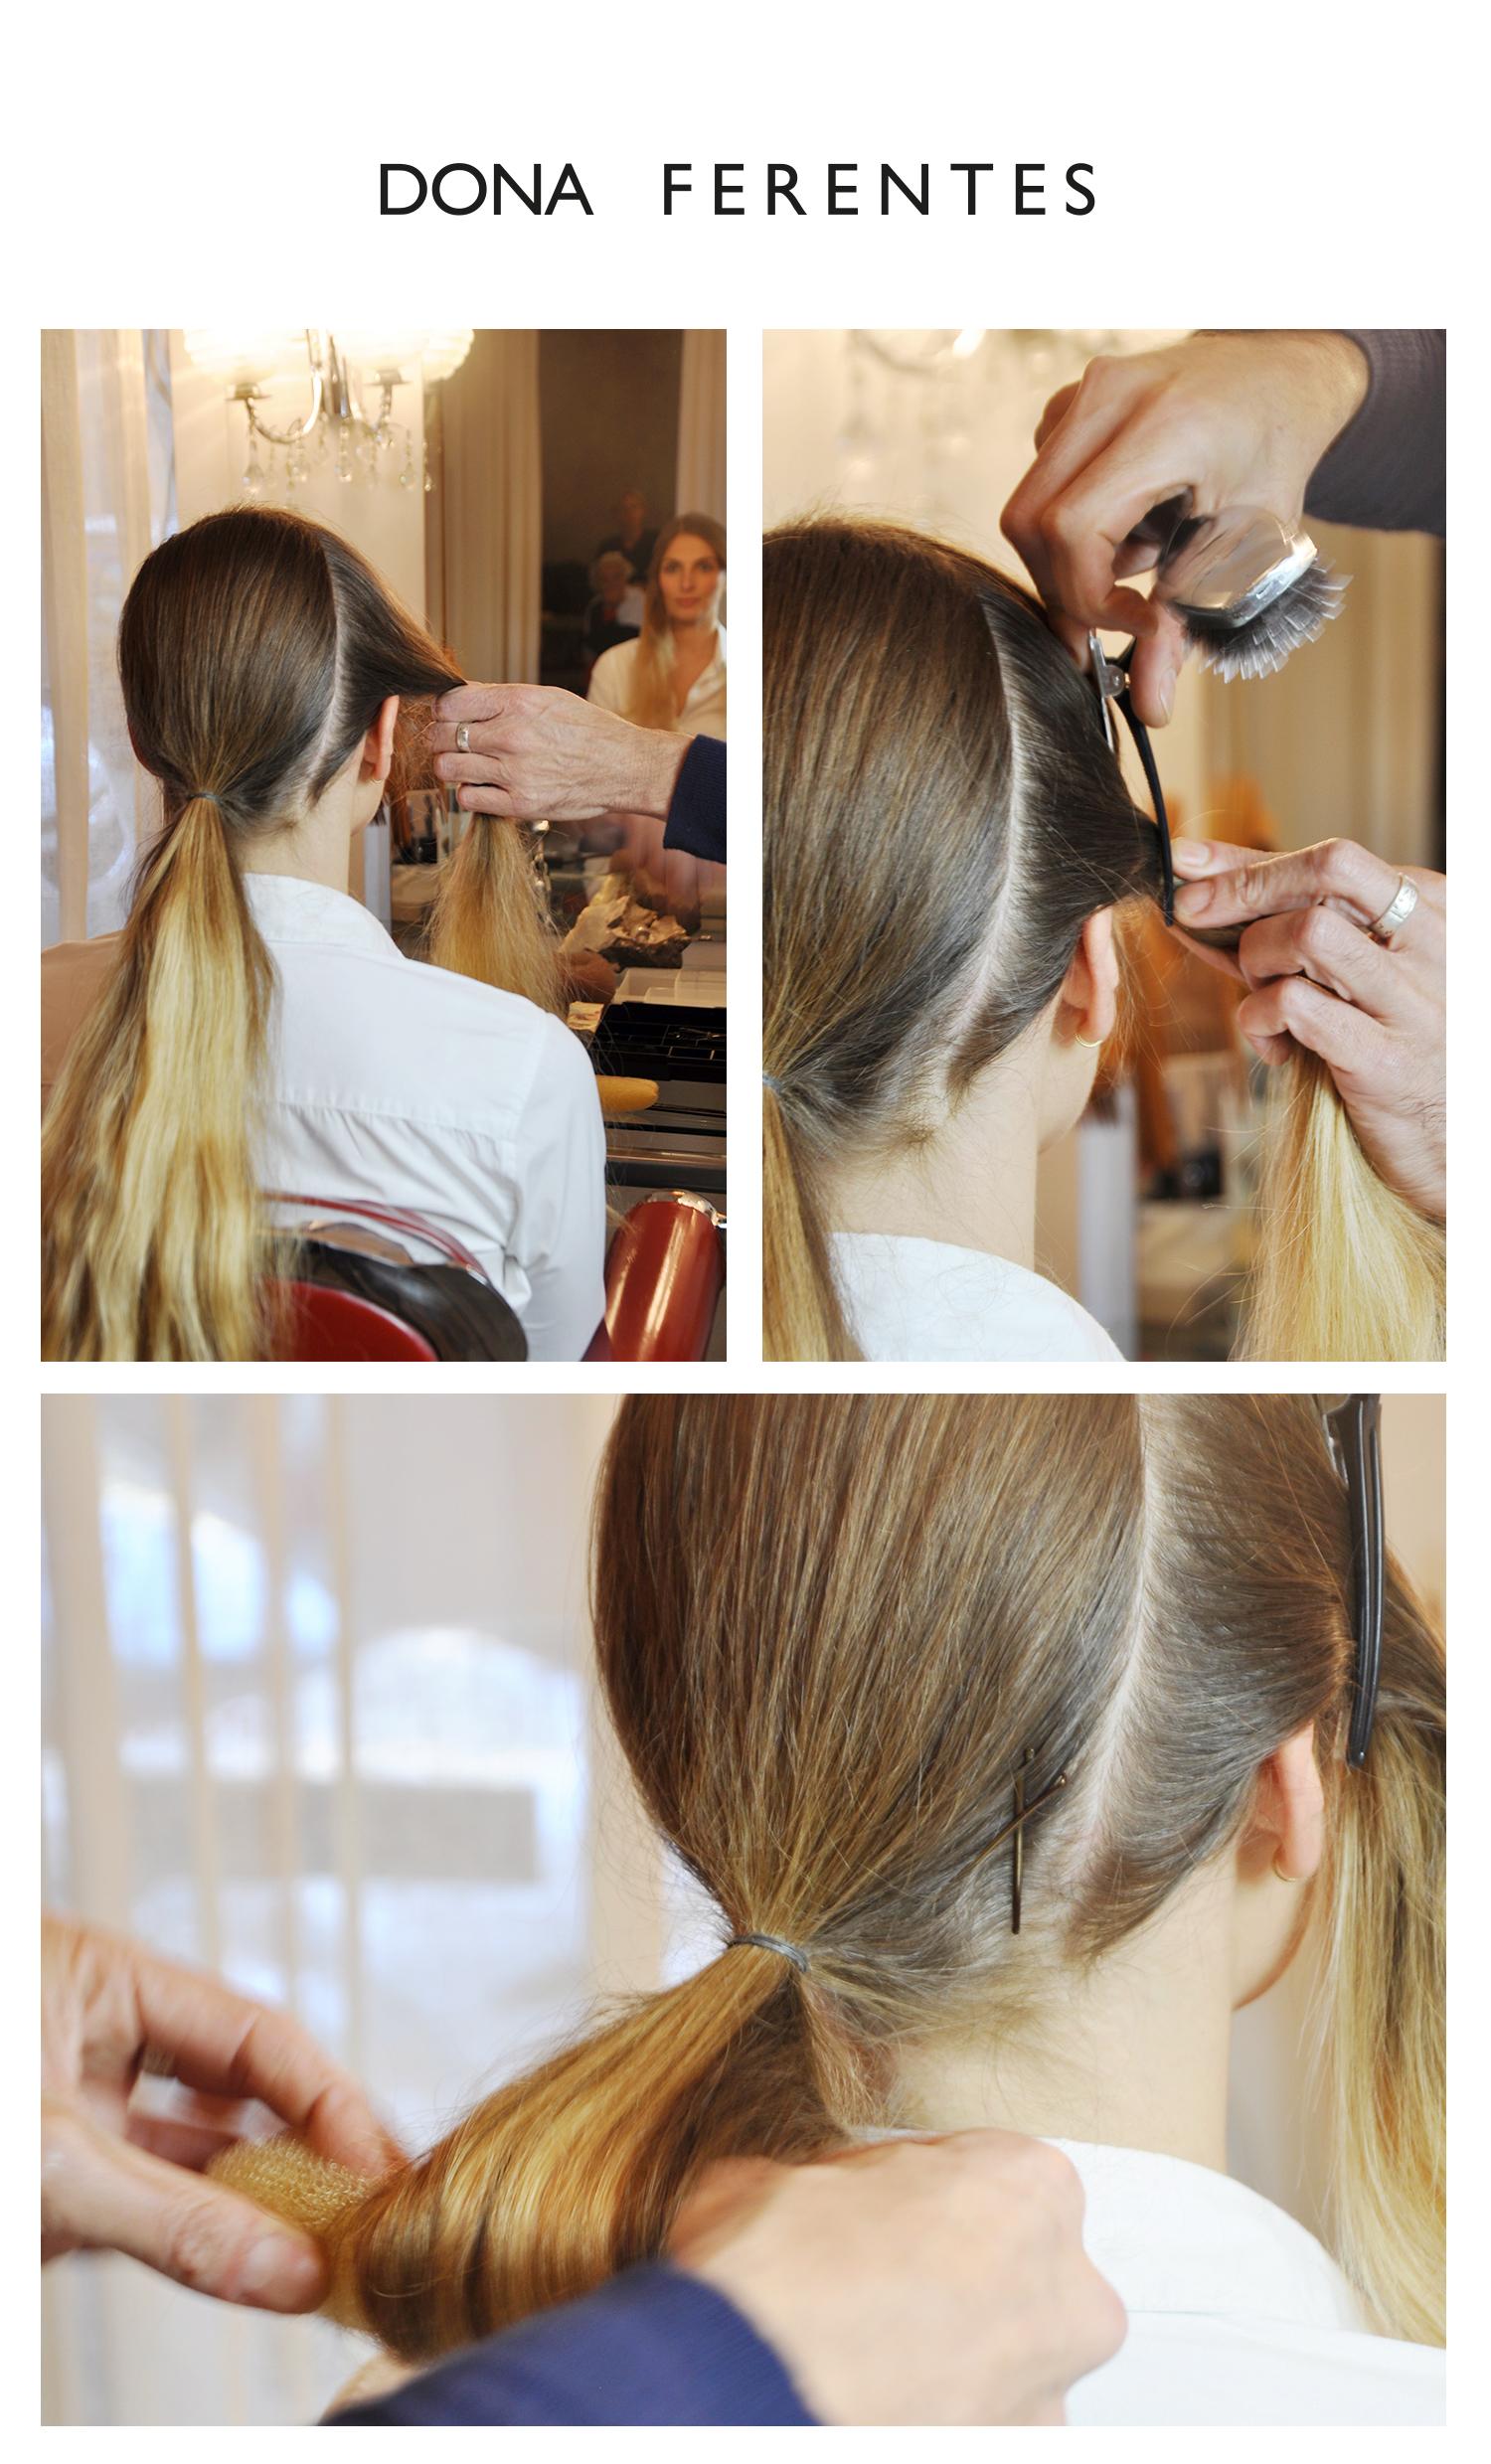 Brosser vos cheveux. Diviser la tete en deux parties une oreille a l autre. Mettre des pinces temporairement sur le dedans et faire une queue de cheval sur l'arrière à la base de la nuque.